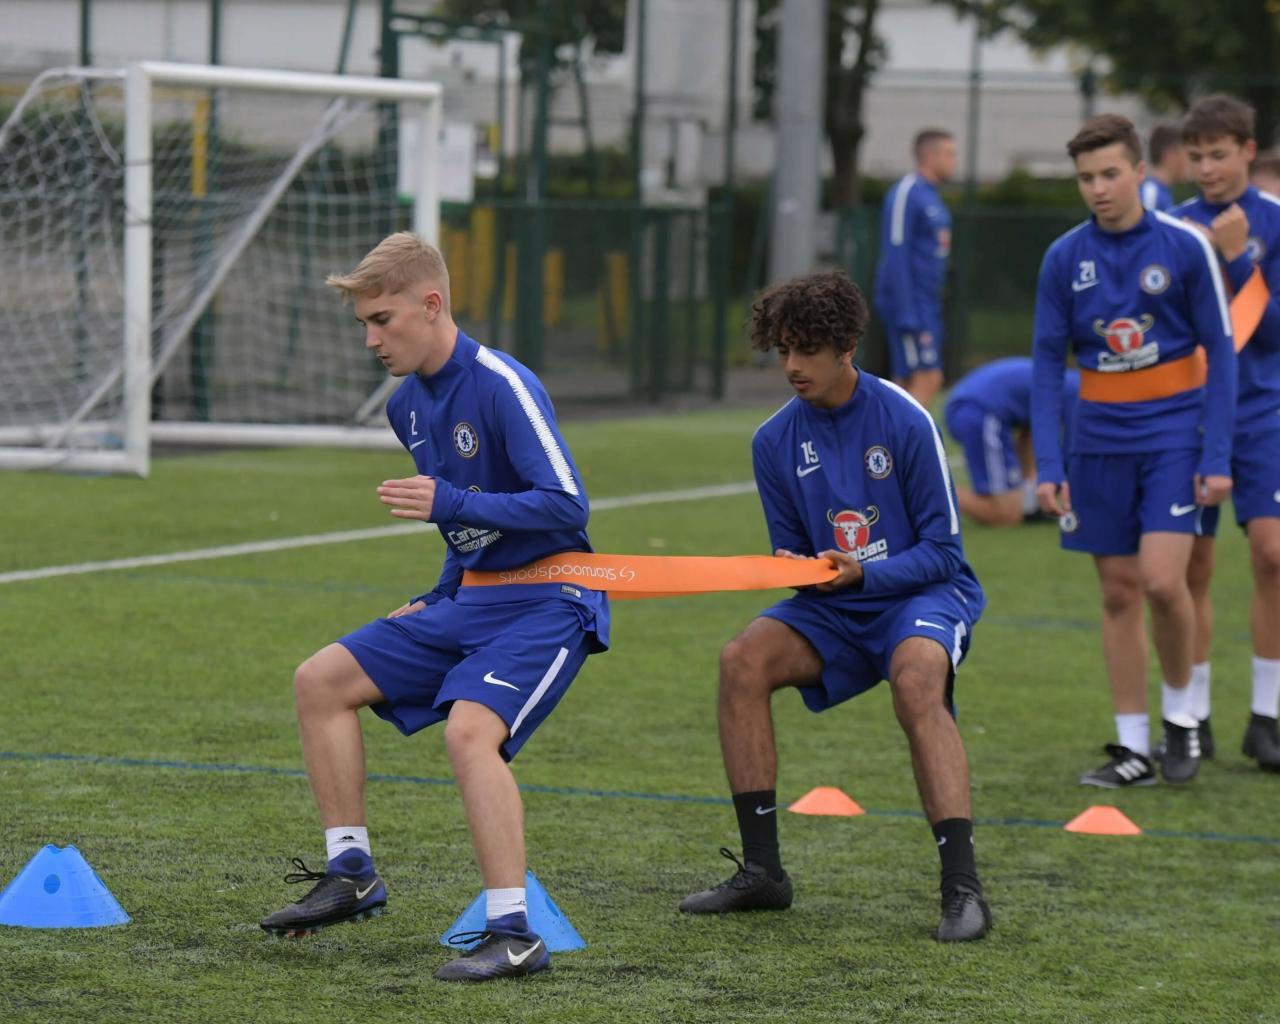 Chelsea Fc Academy U12